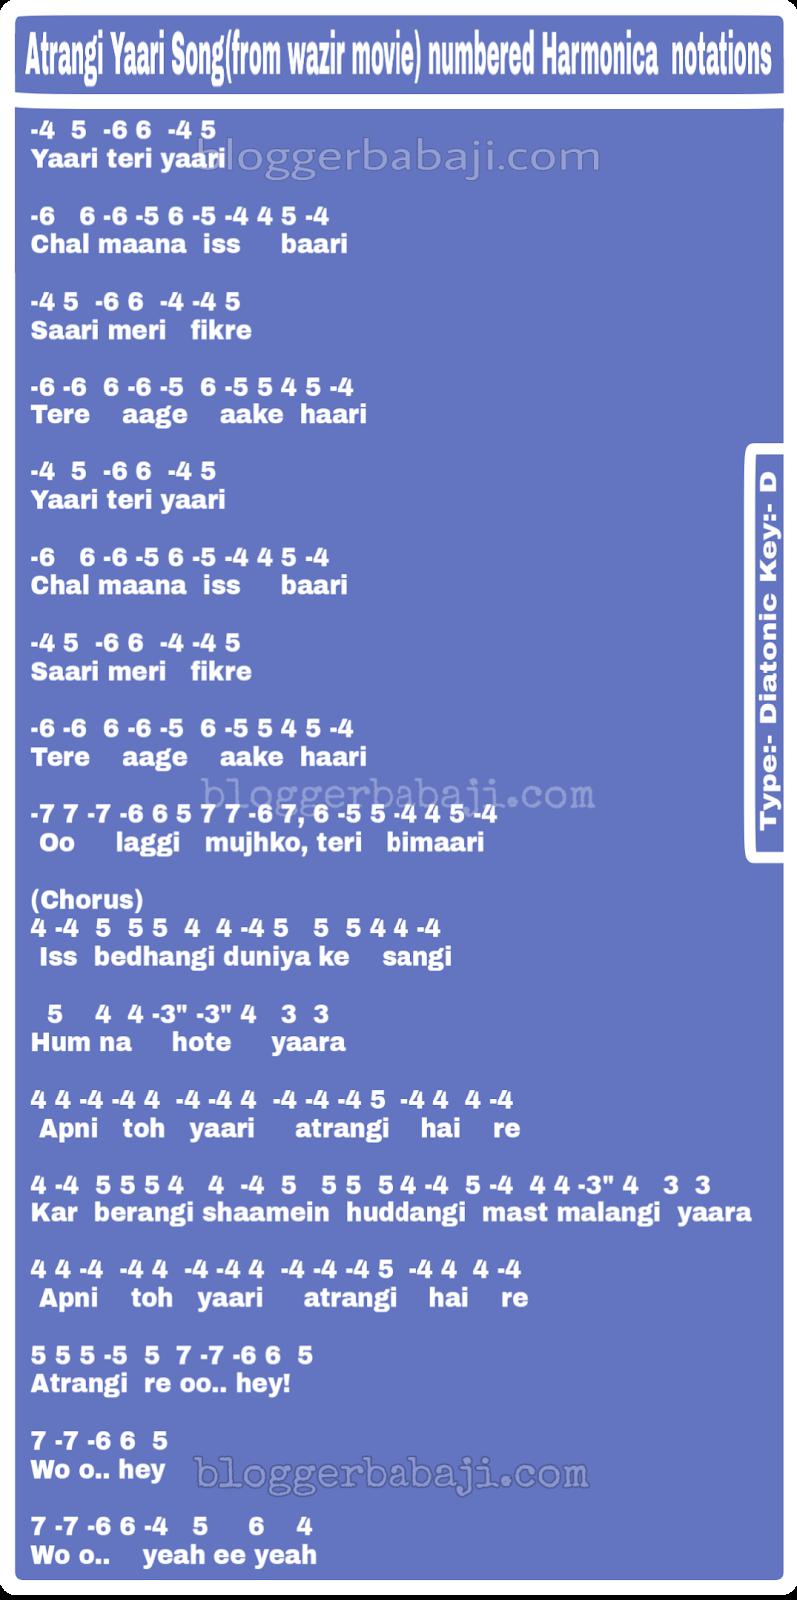 harmonica songs of atrangi yaari bollywood song | easy